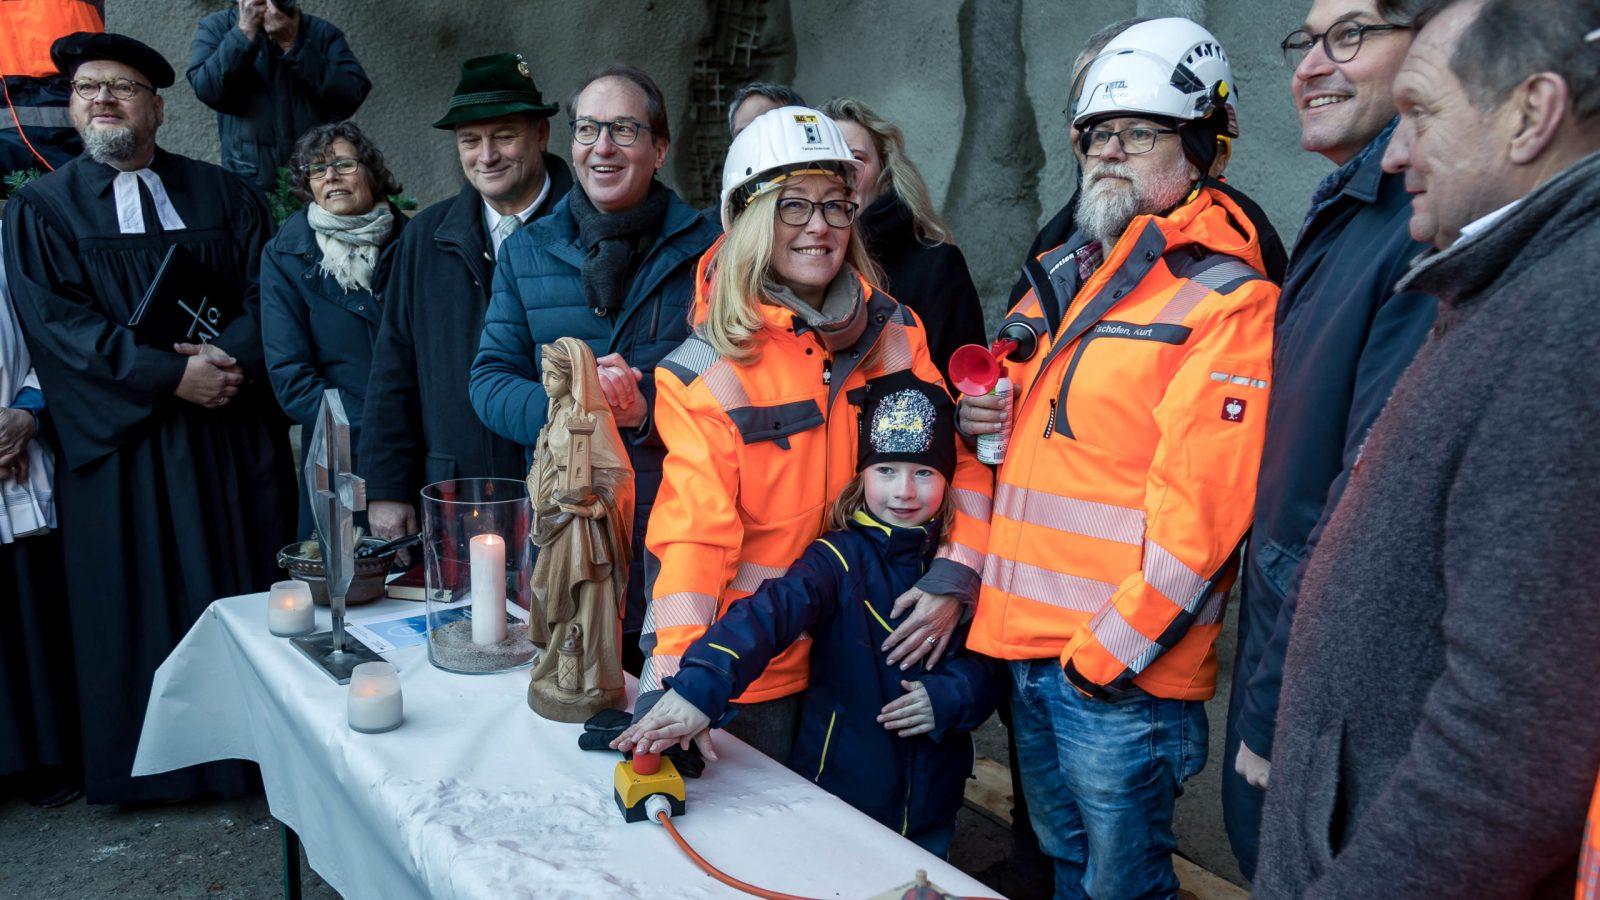 Foto von der Tunnelschlagfeier am 7. Februar 2020